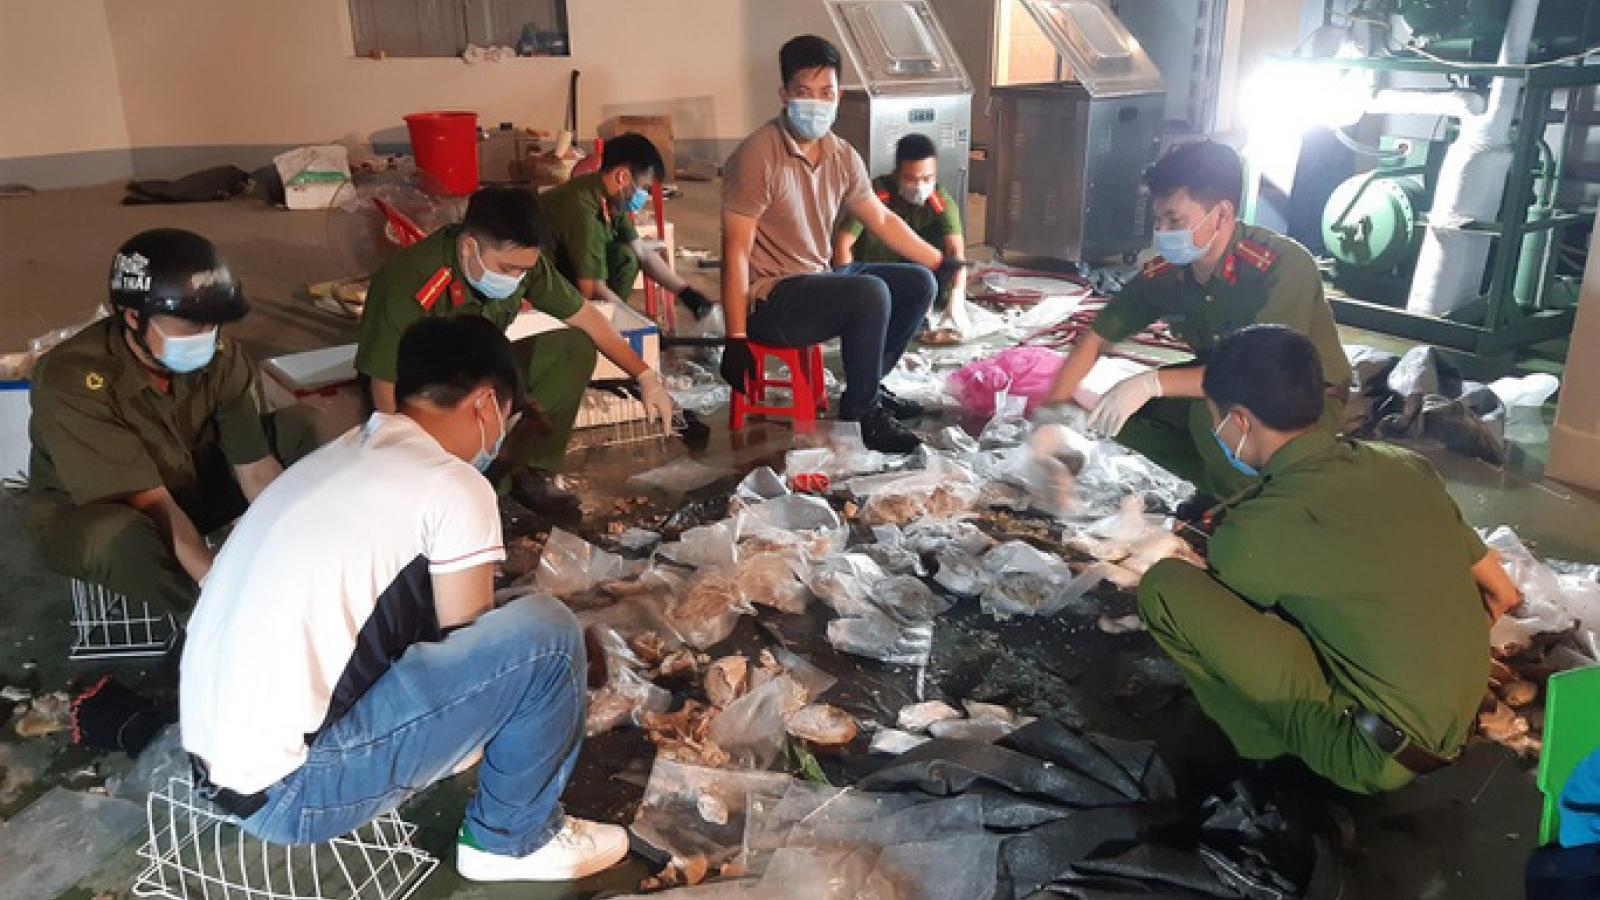 Giấu ma túy vào nội tạng lợn và mô tơ điện để đem sang Trung Quốc